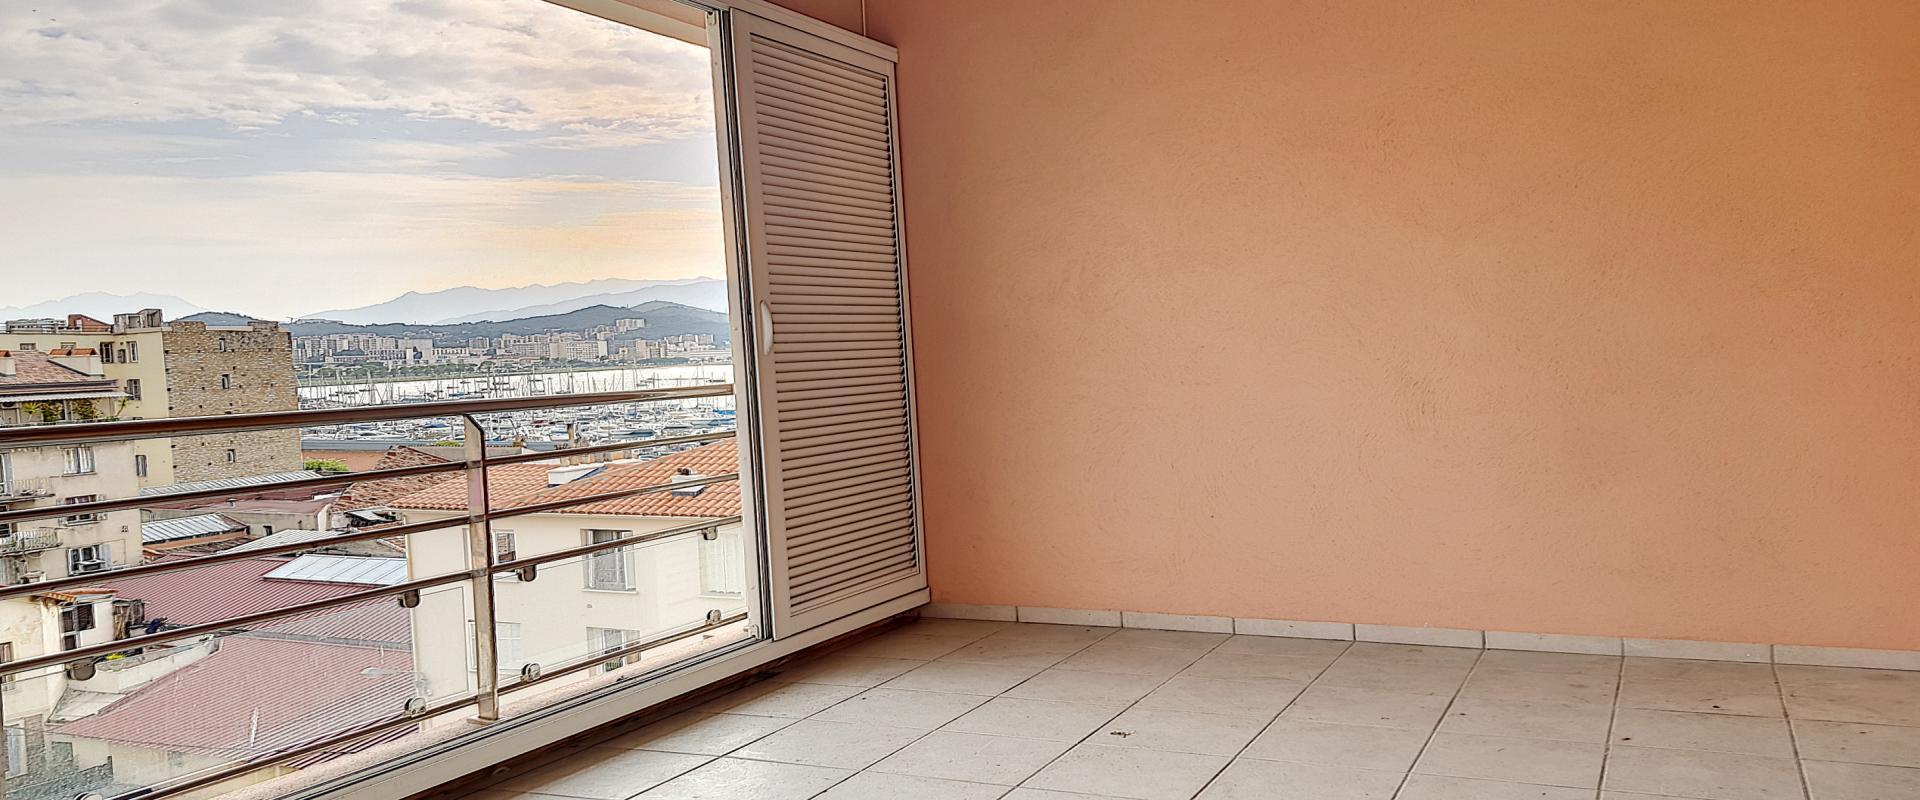 A vendre T5 duplex Espace Alban terrasse